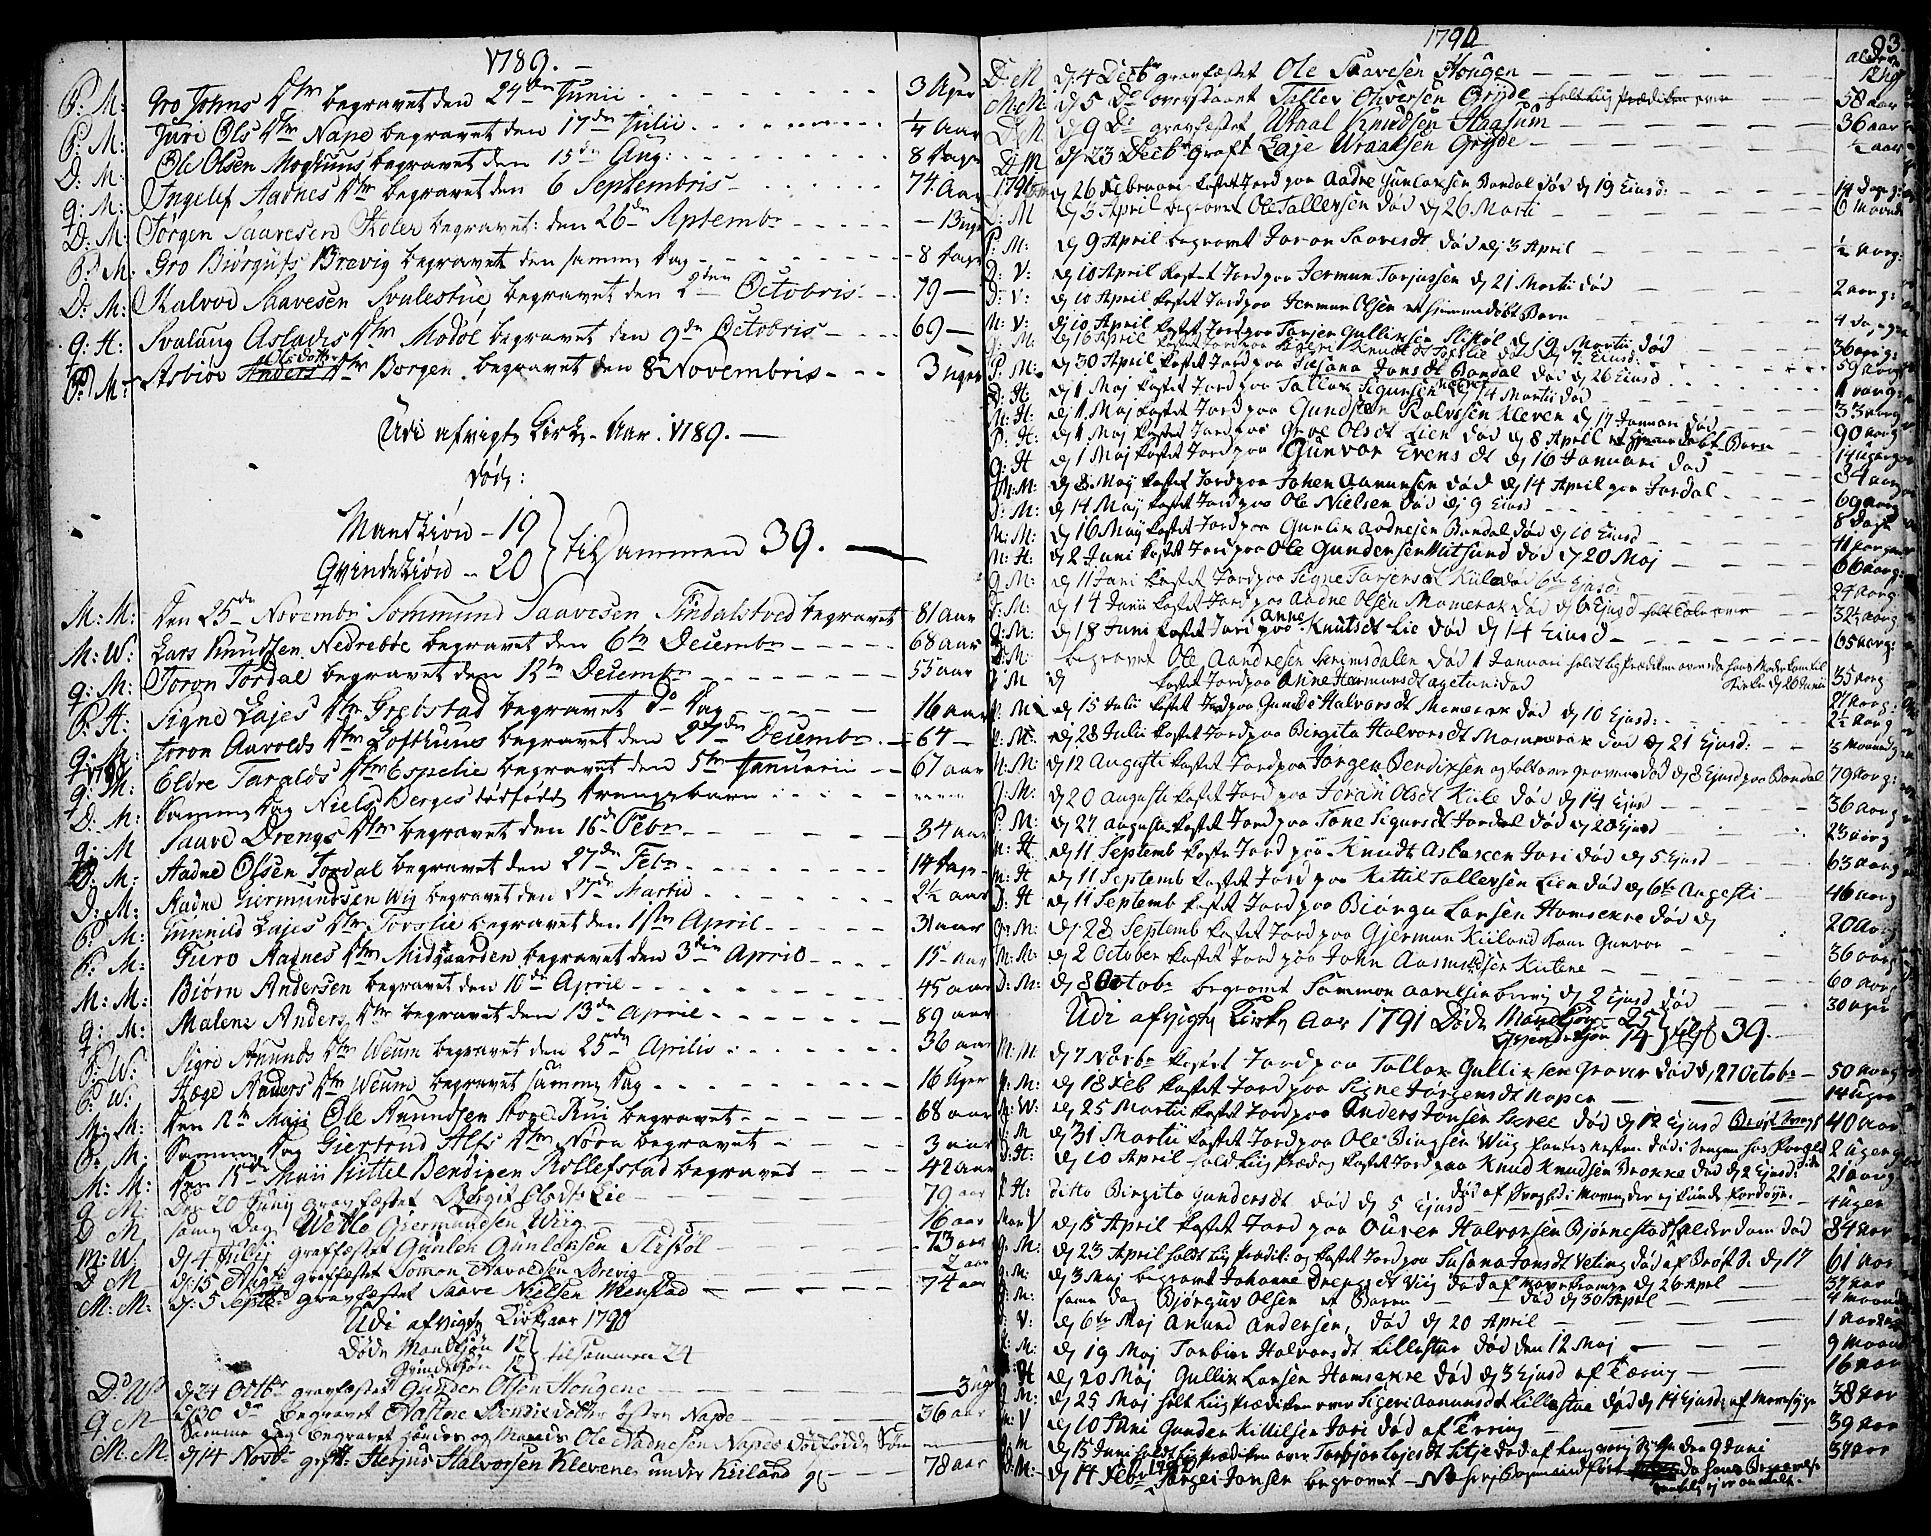 SAKO, Fyresdal kirkebøker, F/Fa/L0002: Ministerialbok nr. I 2, 1769-1814, s. 93